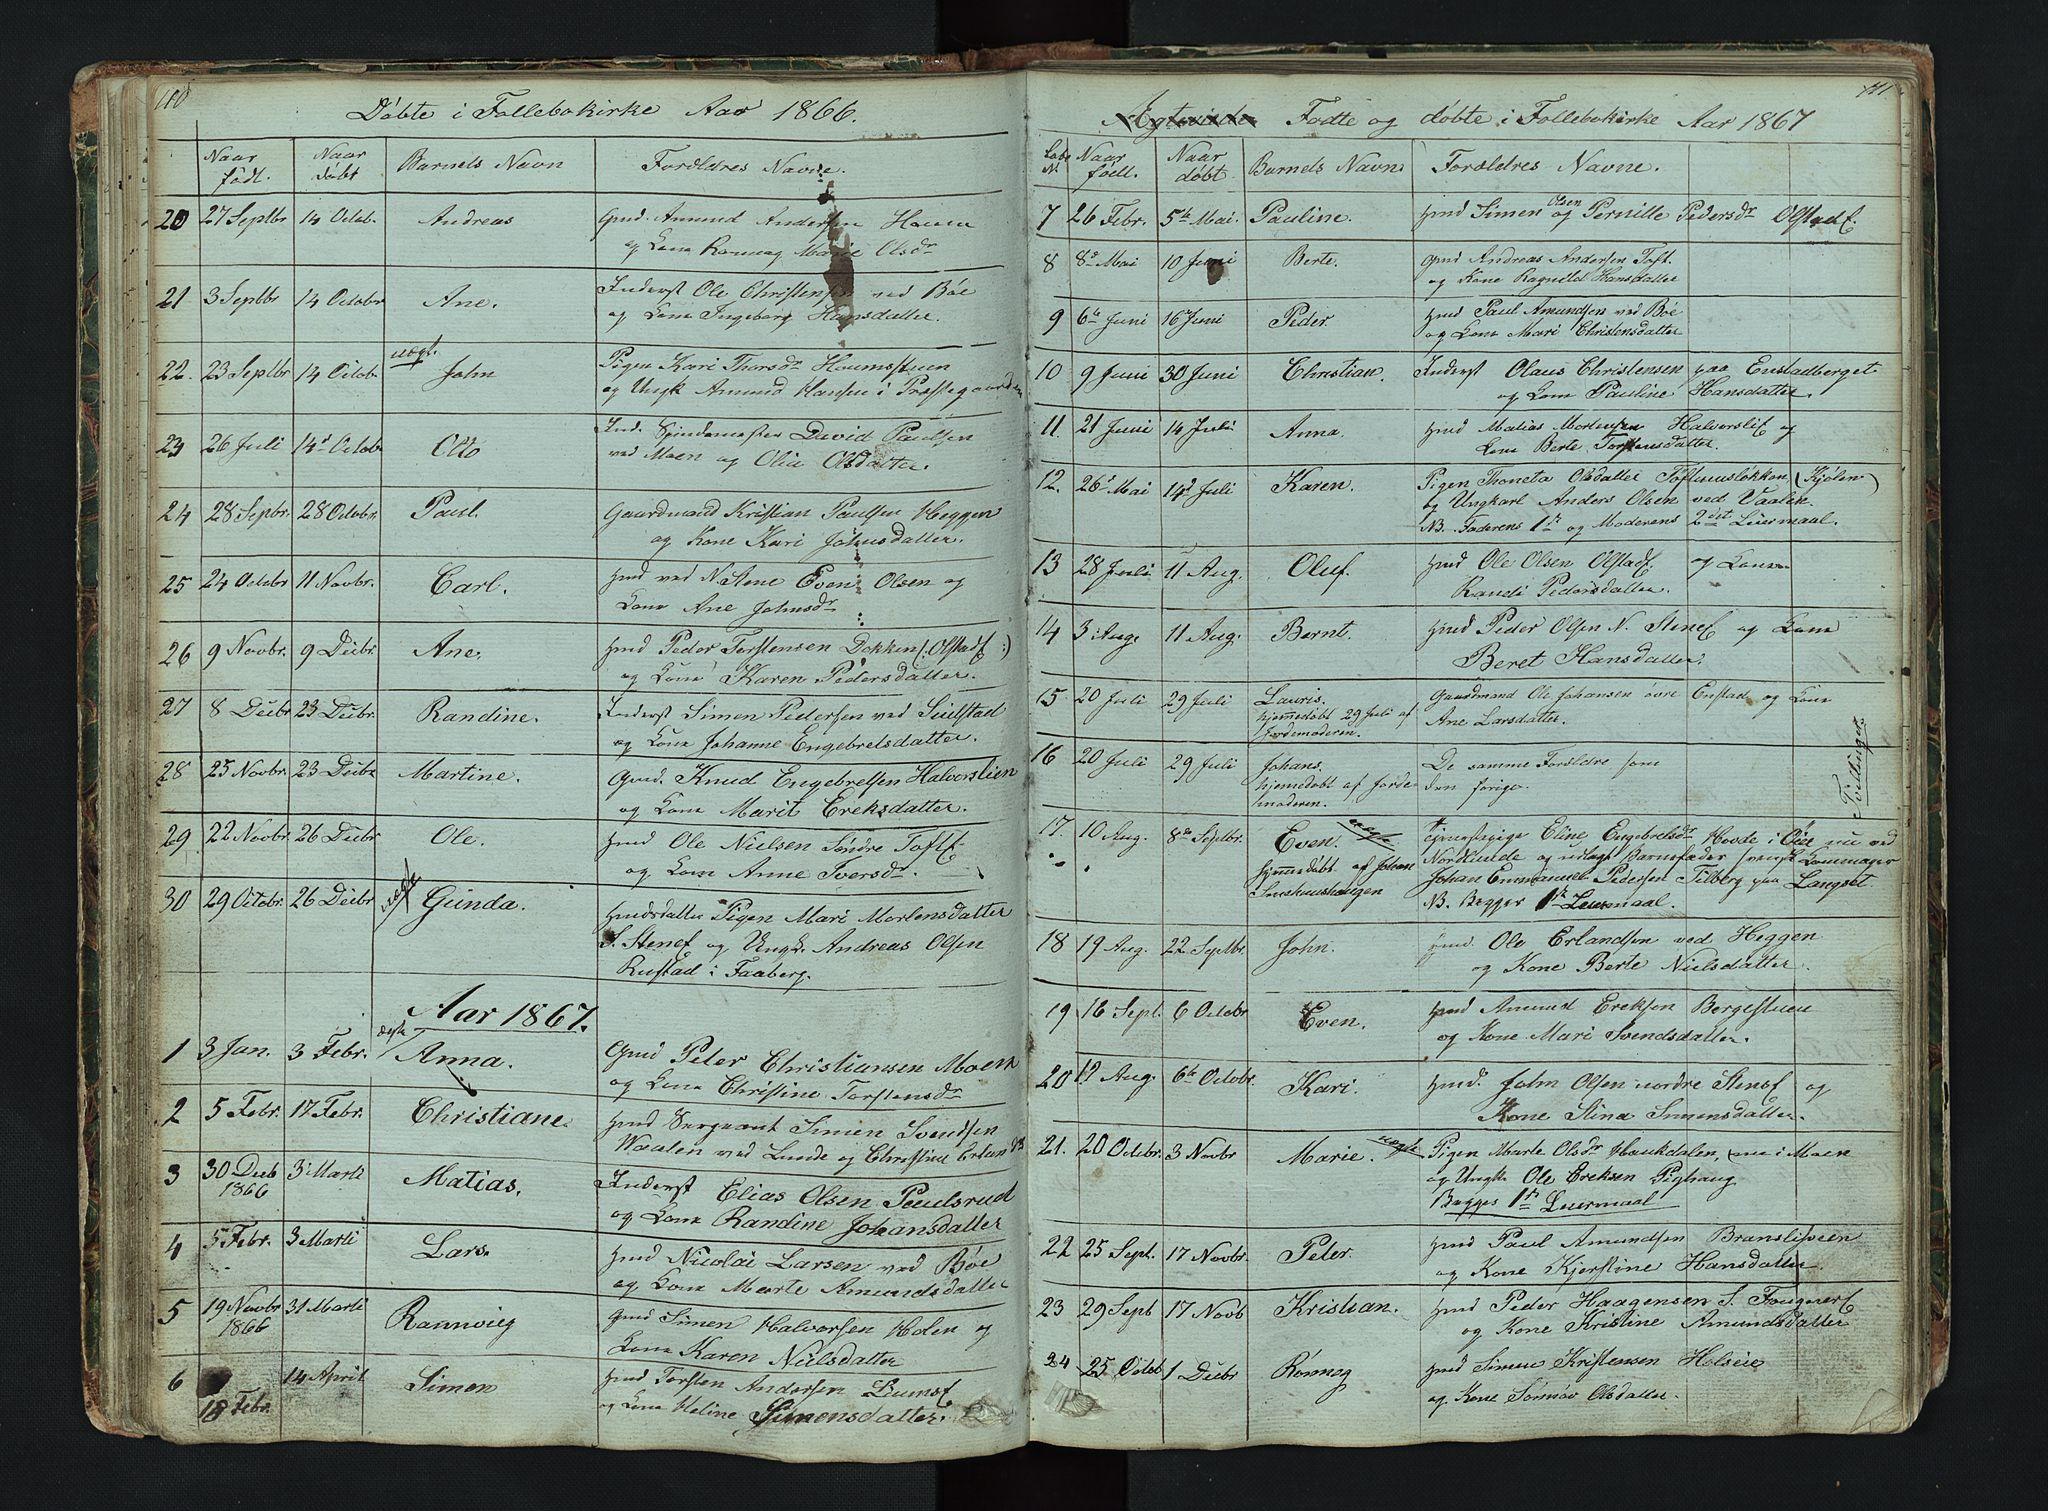 SAH, Gausdal prestekontor, Klokkerbok nr. 6, 1846-1893, s. 110-111